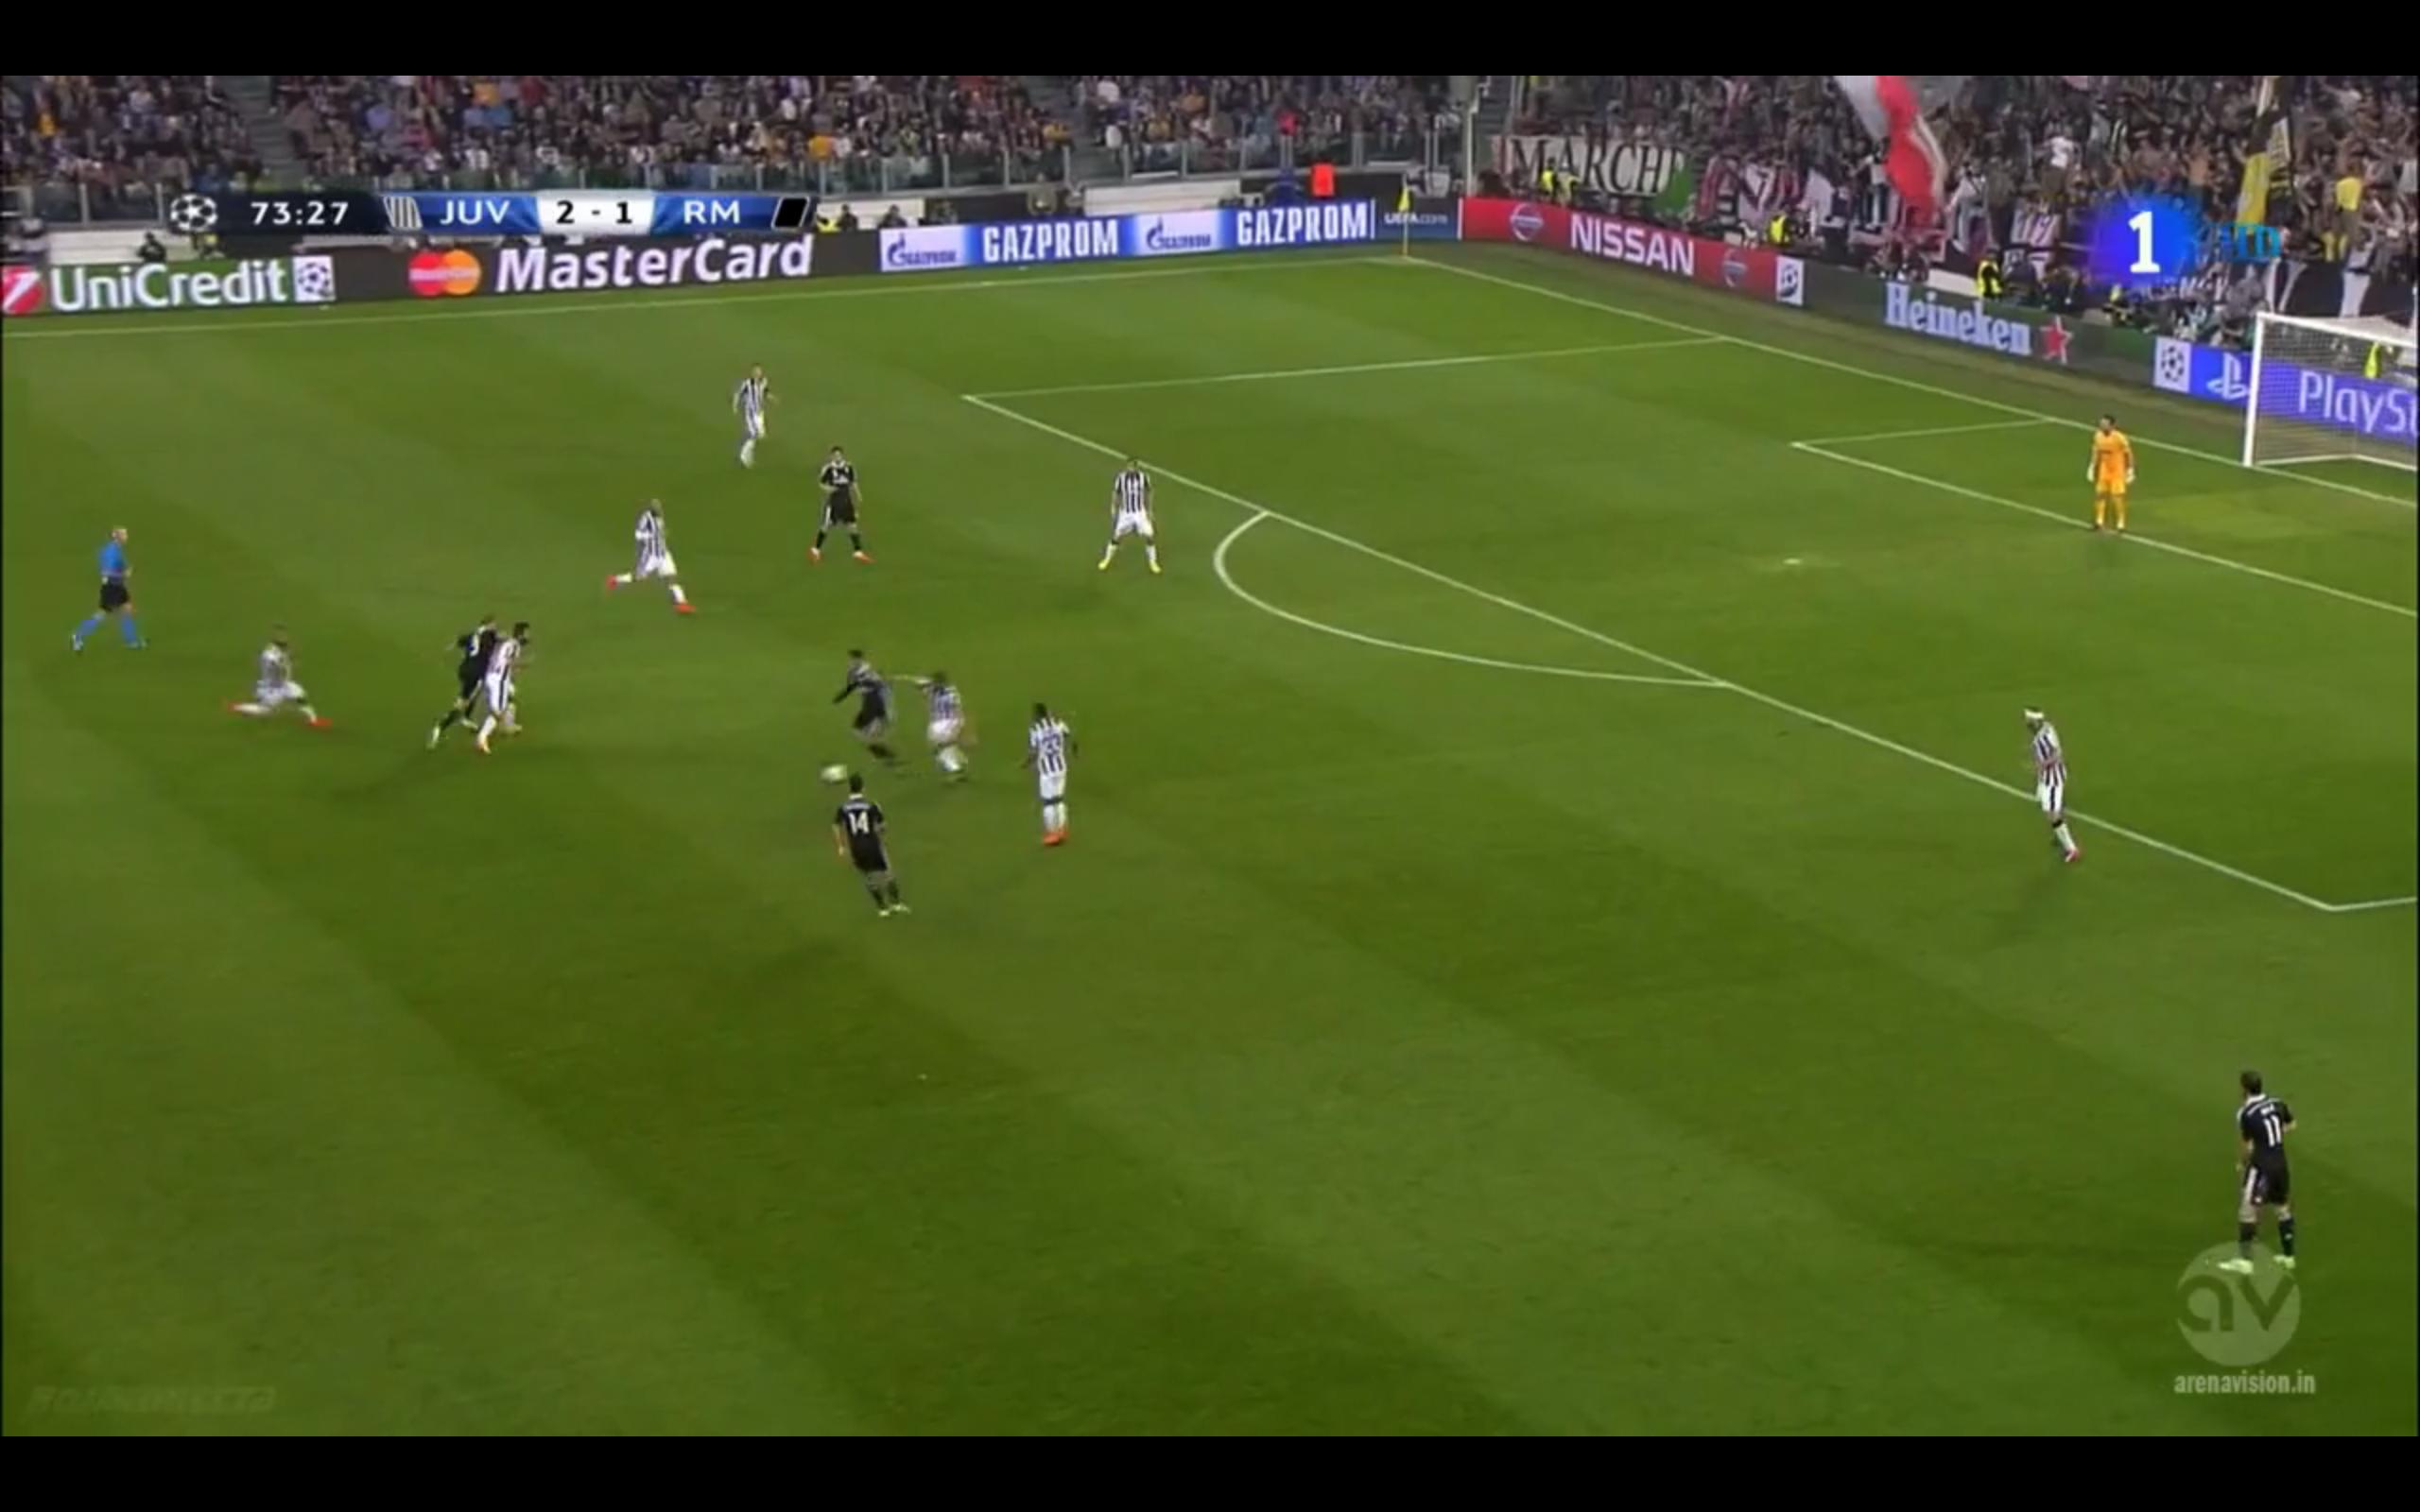 Bonucci rückt gegen Ronaldo aggressiv heraus. Chiellini hat eine zu breite Stellung und orientiert sich lose an Bale. Dadurch entsteht ein offener Kanal. Hernandez positioniert sich so, dass er ein offenes Sichtfeld hat und diesen nach einer Ablage von Ronaldo direkt bespielen könnte.